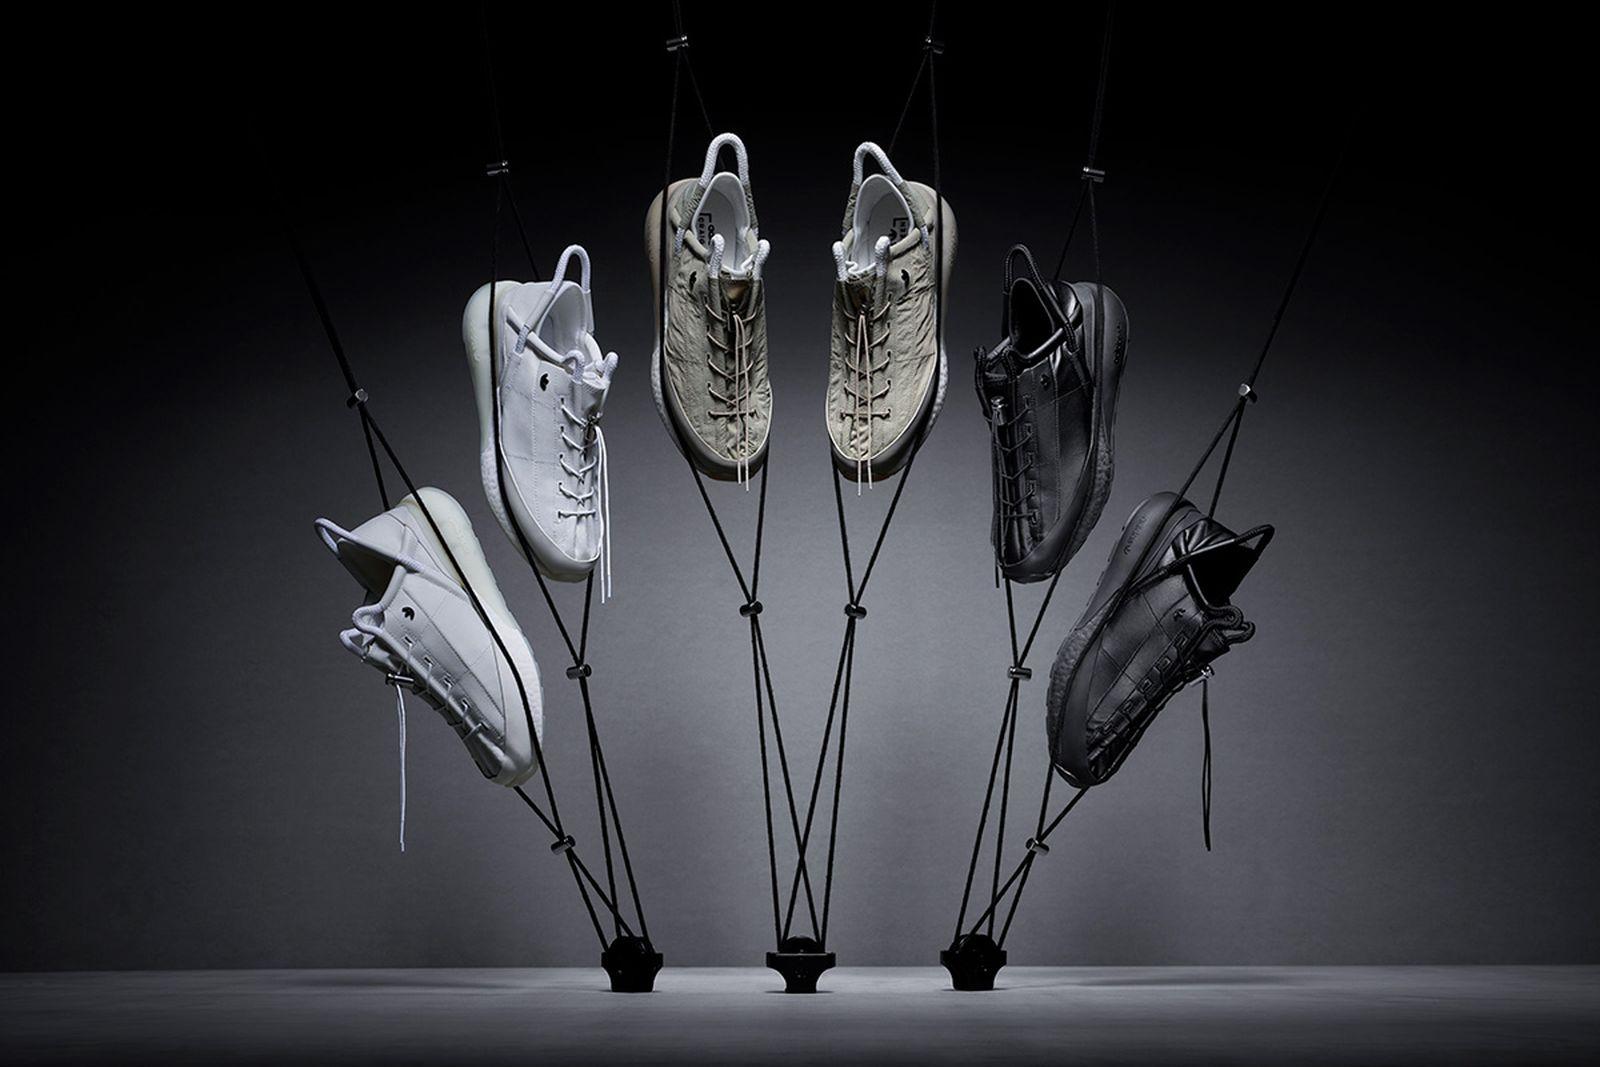 craig-green-adidas-zx-2k-phormar-release-date-price-011